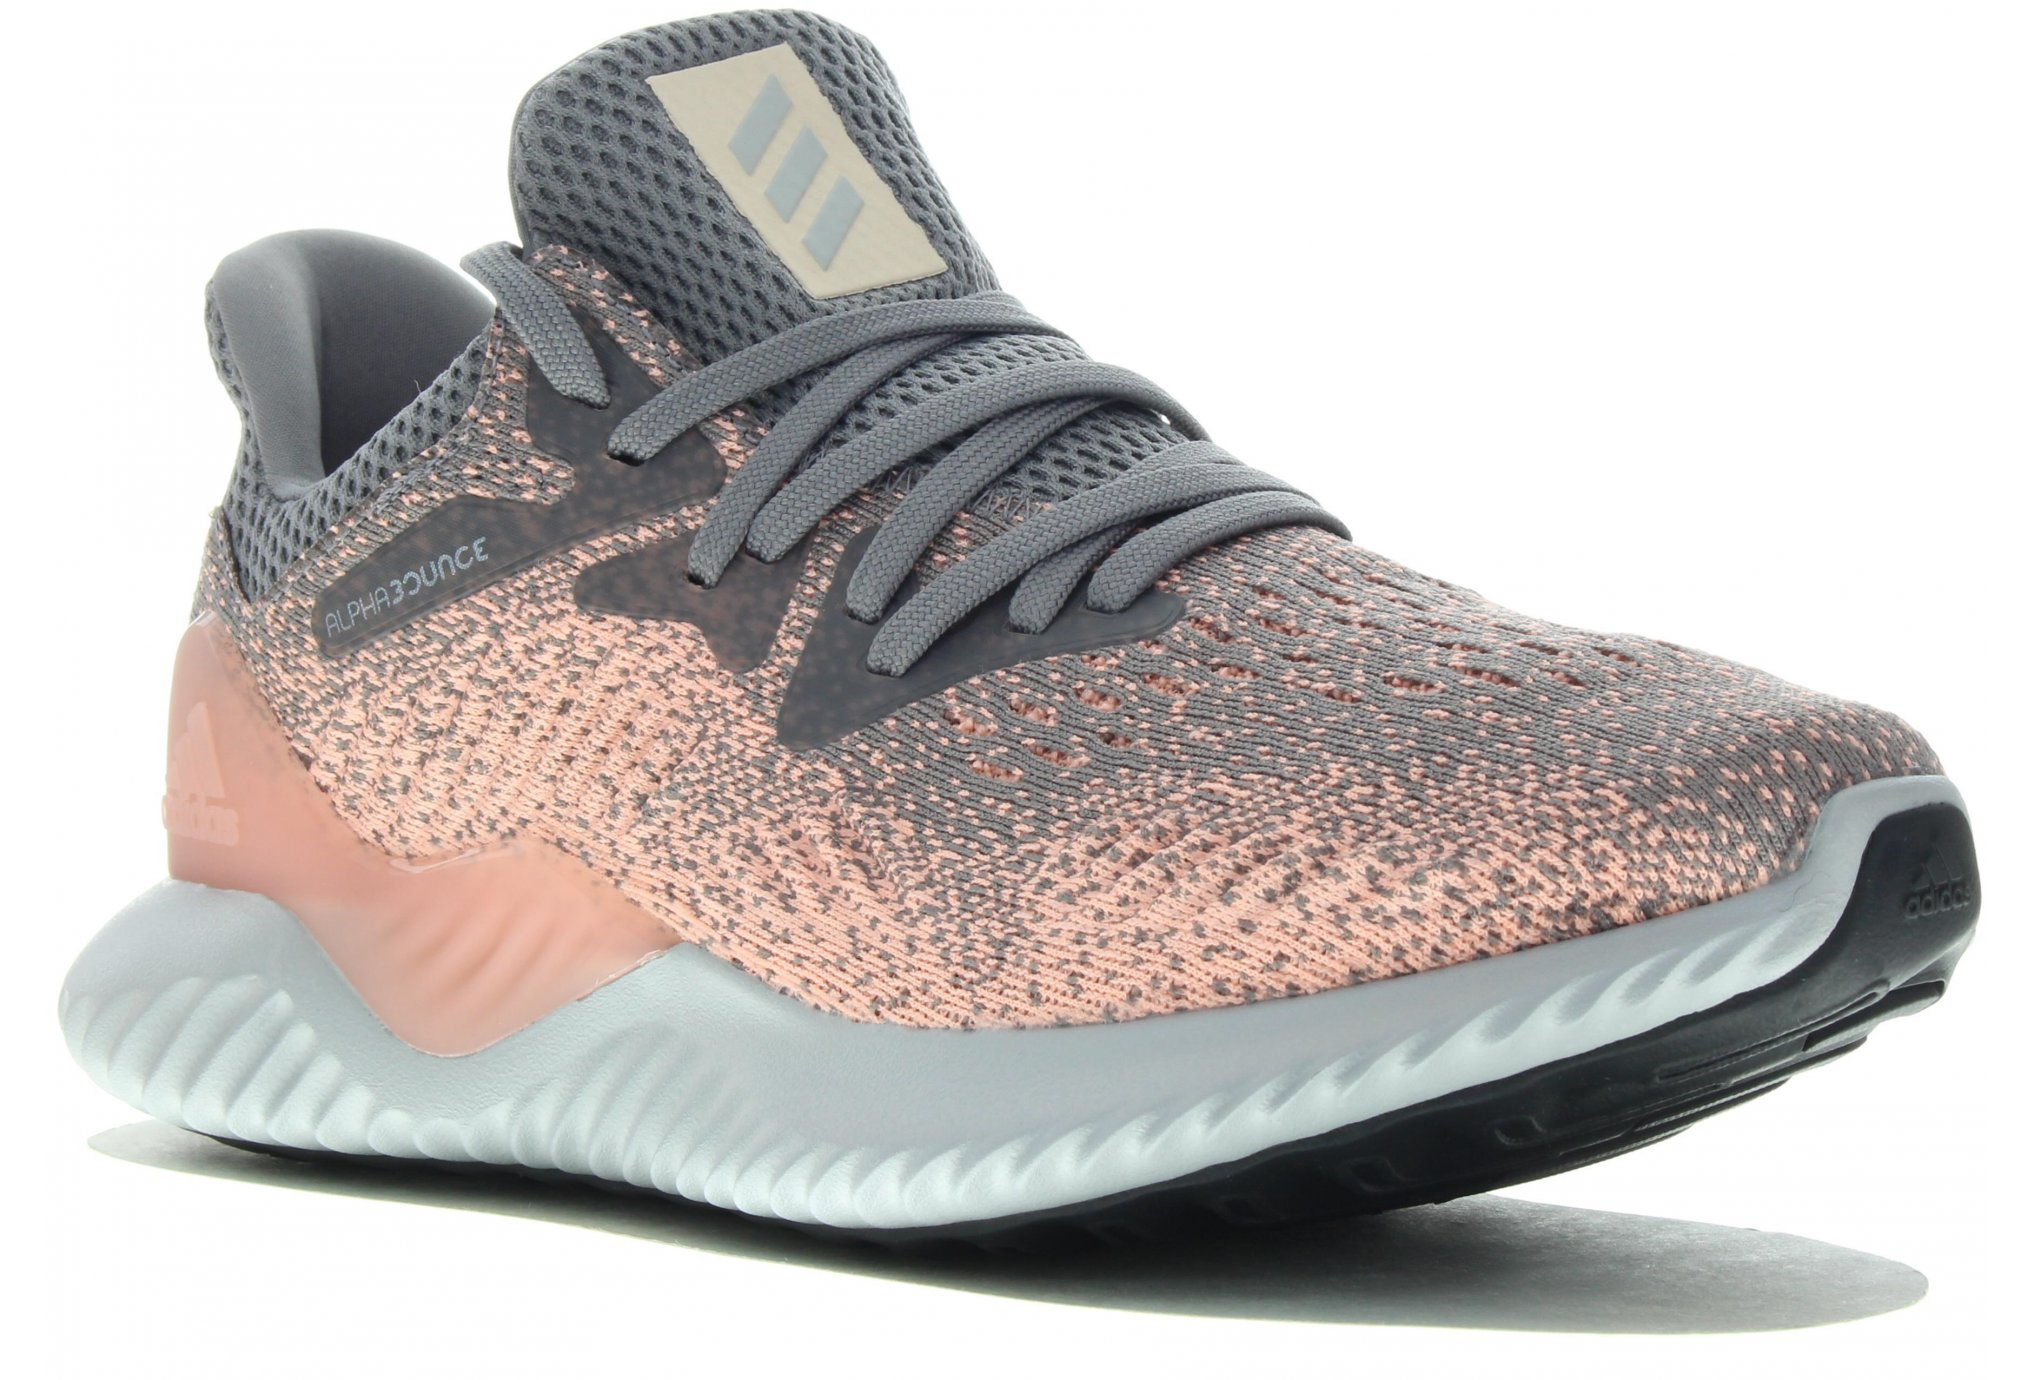 Adidas Alphabounce beyond w chaussures running femme